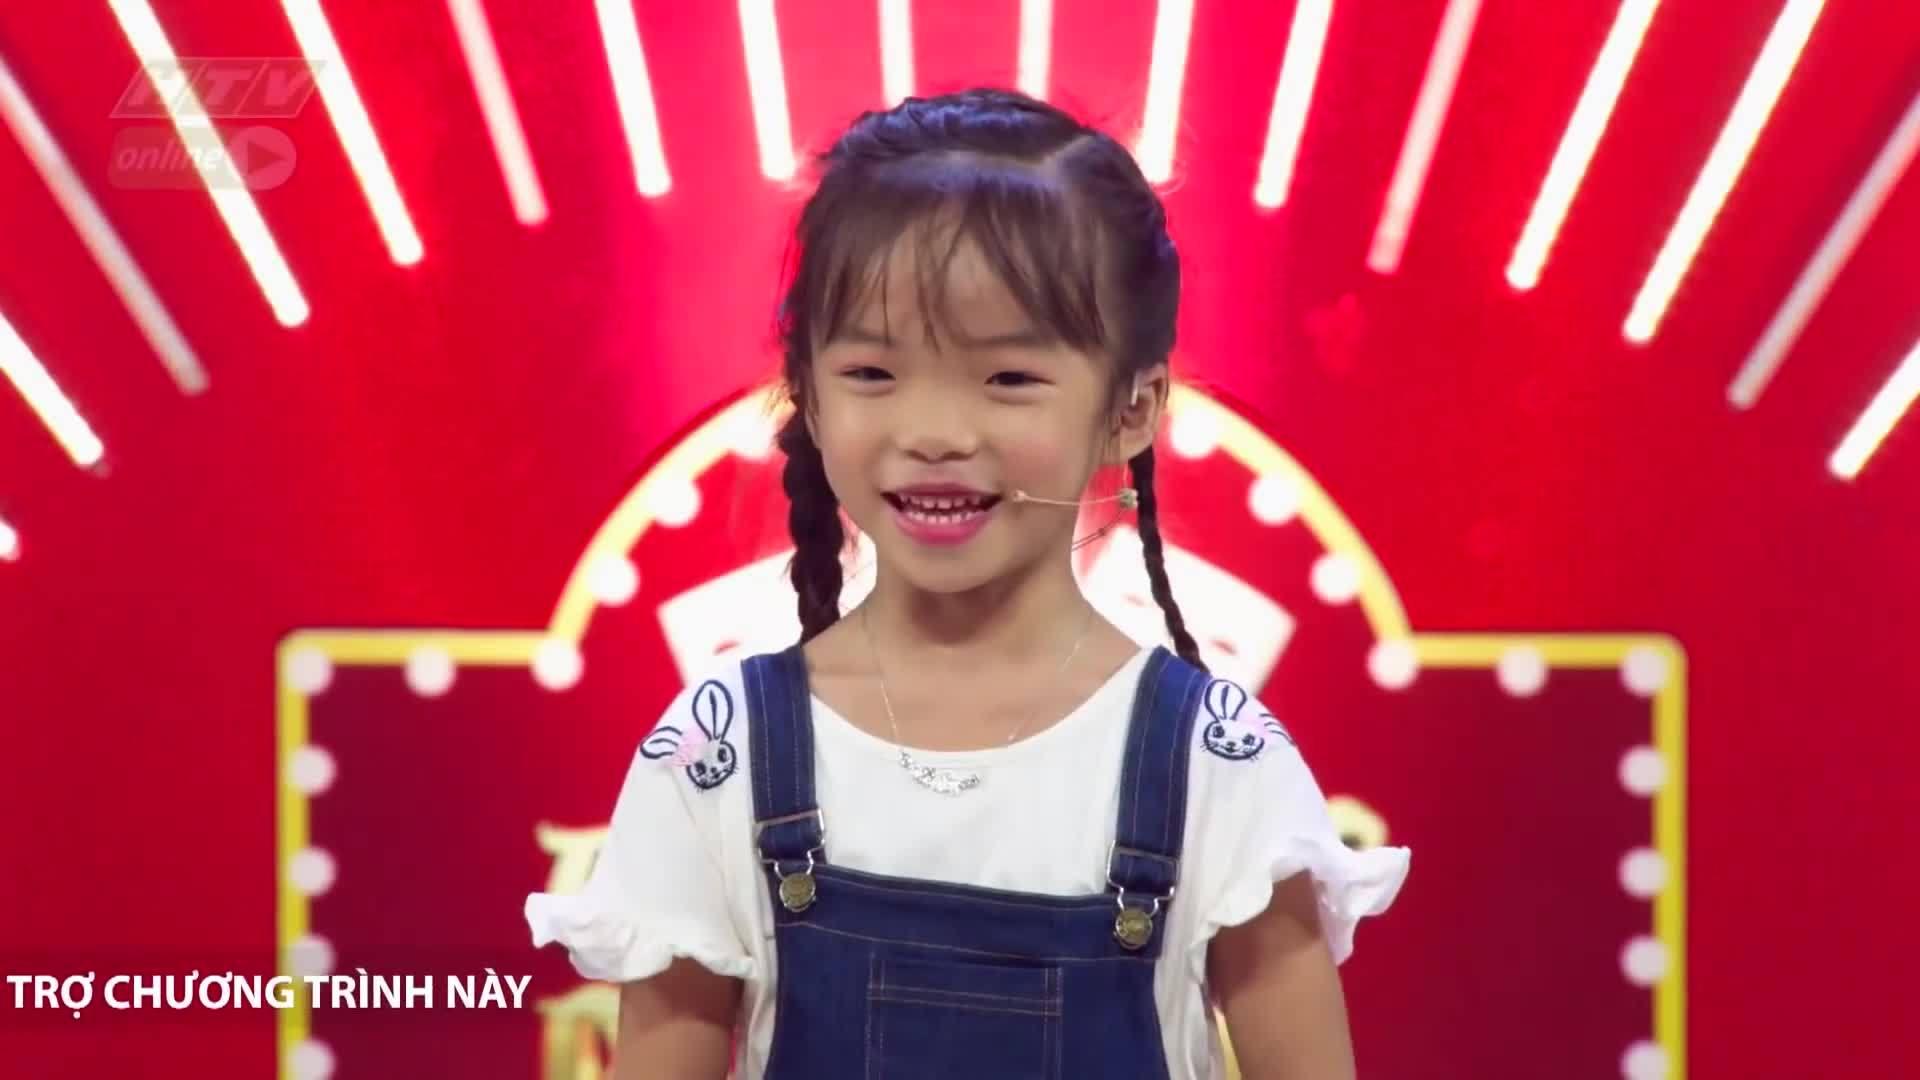 Trấn Thành, Trường Giang 'rối não' với cô bé 6 tuổi